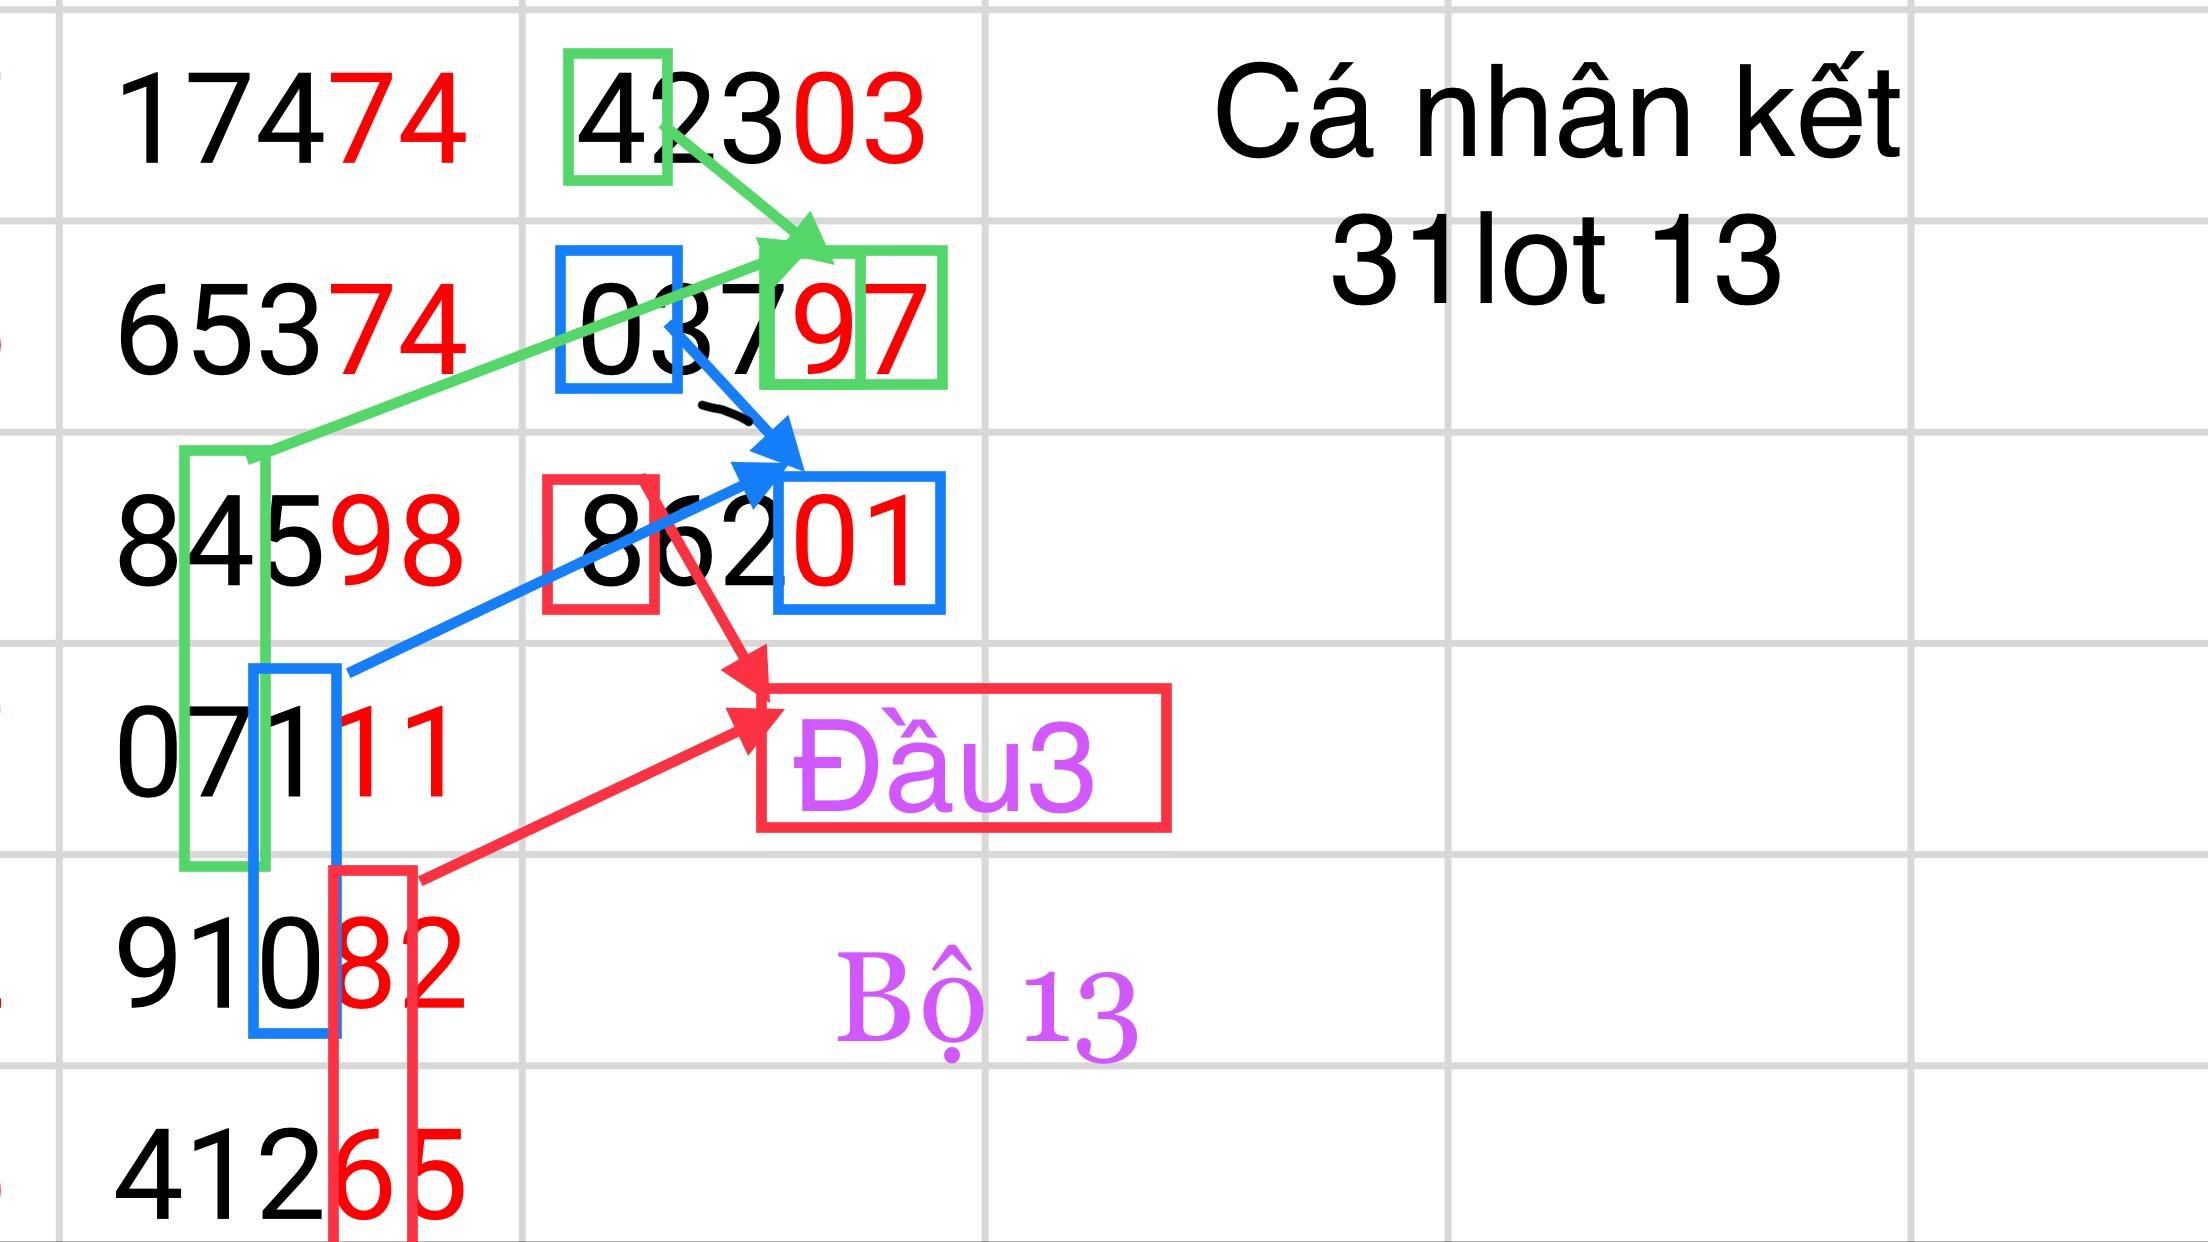 DF4F0FCC-A20E-423E-804E-6CB702FF52F8.jpeg